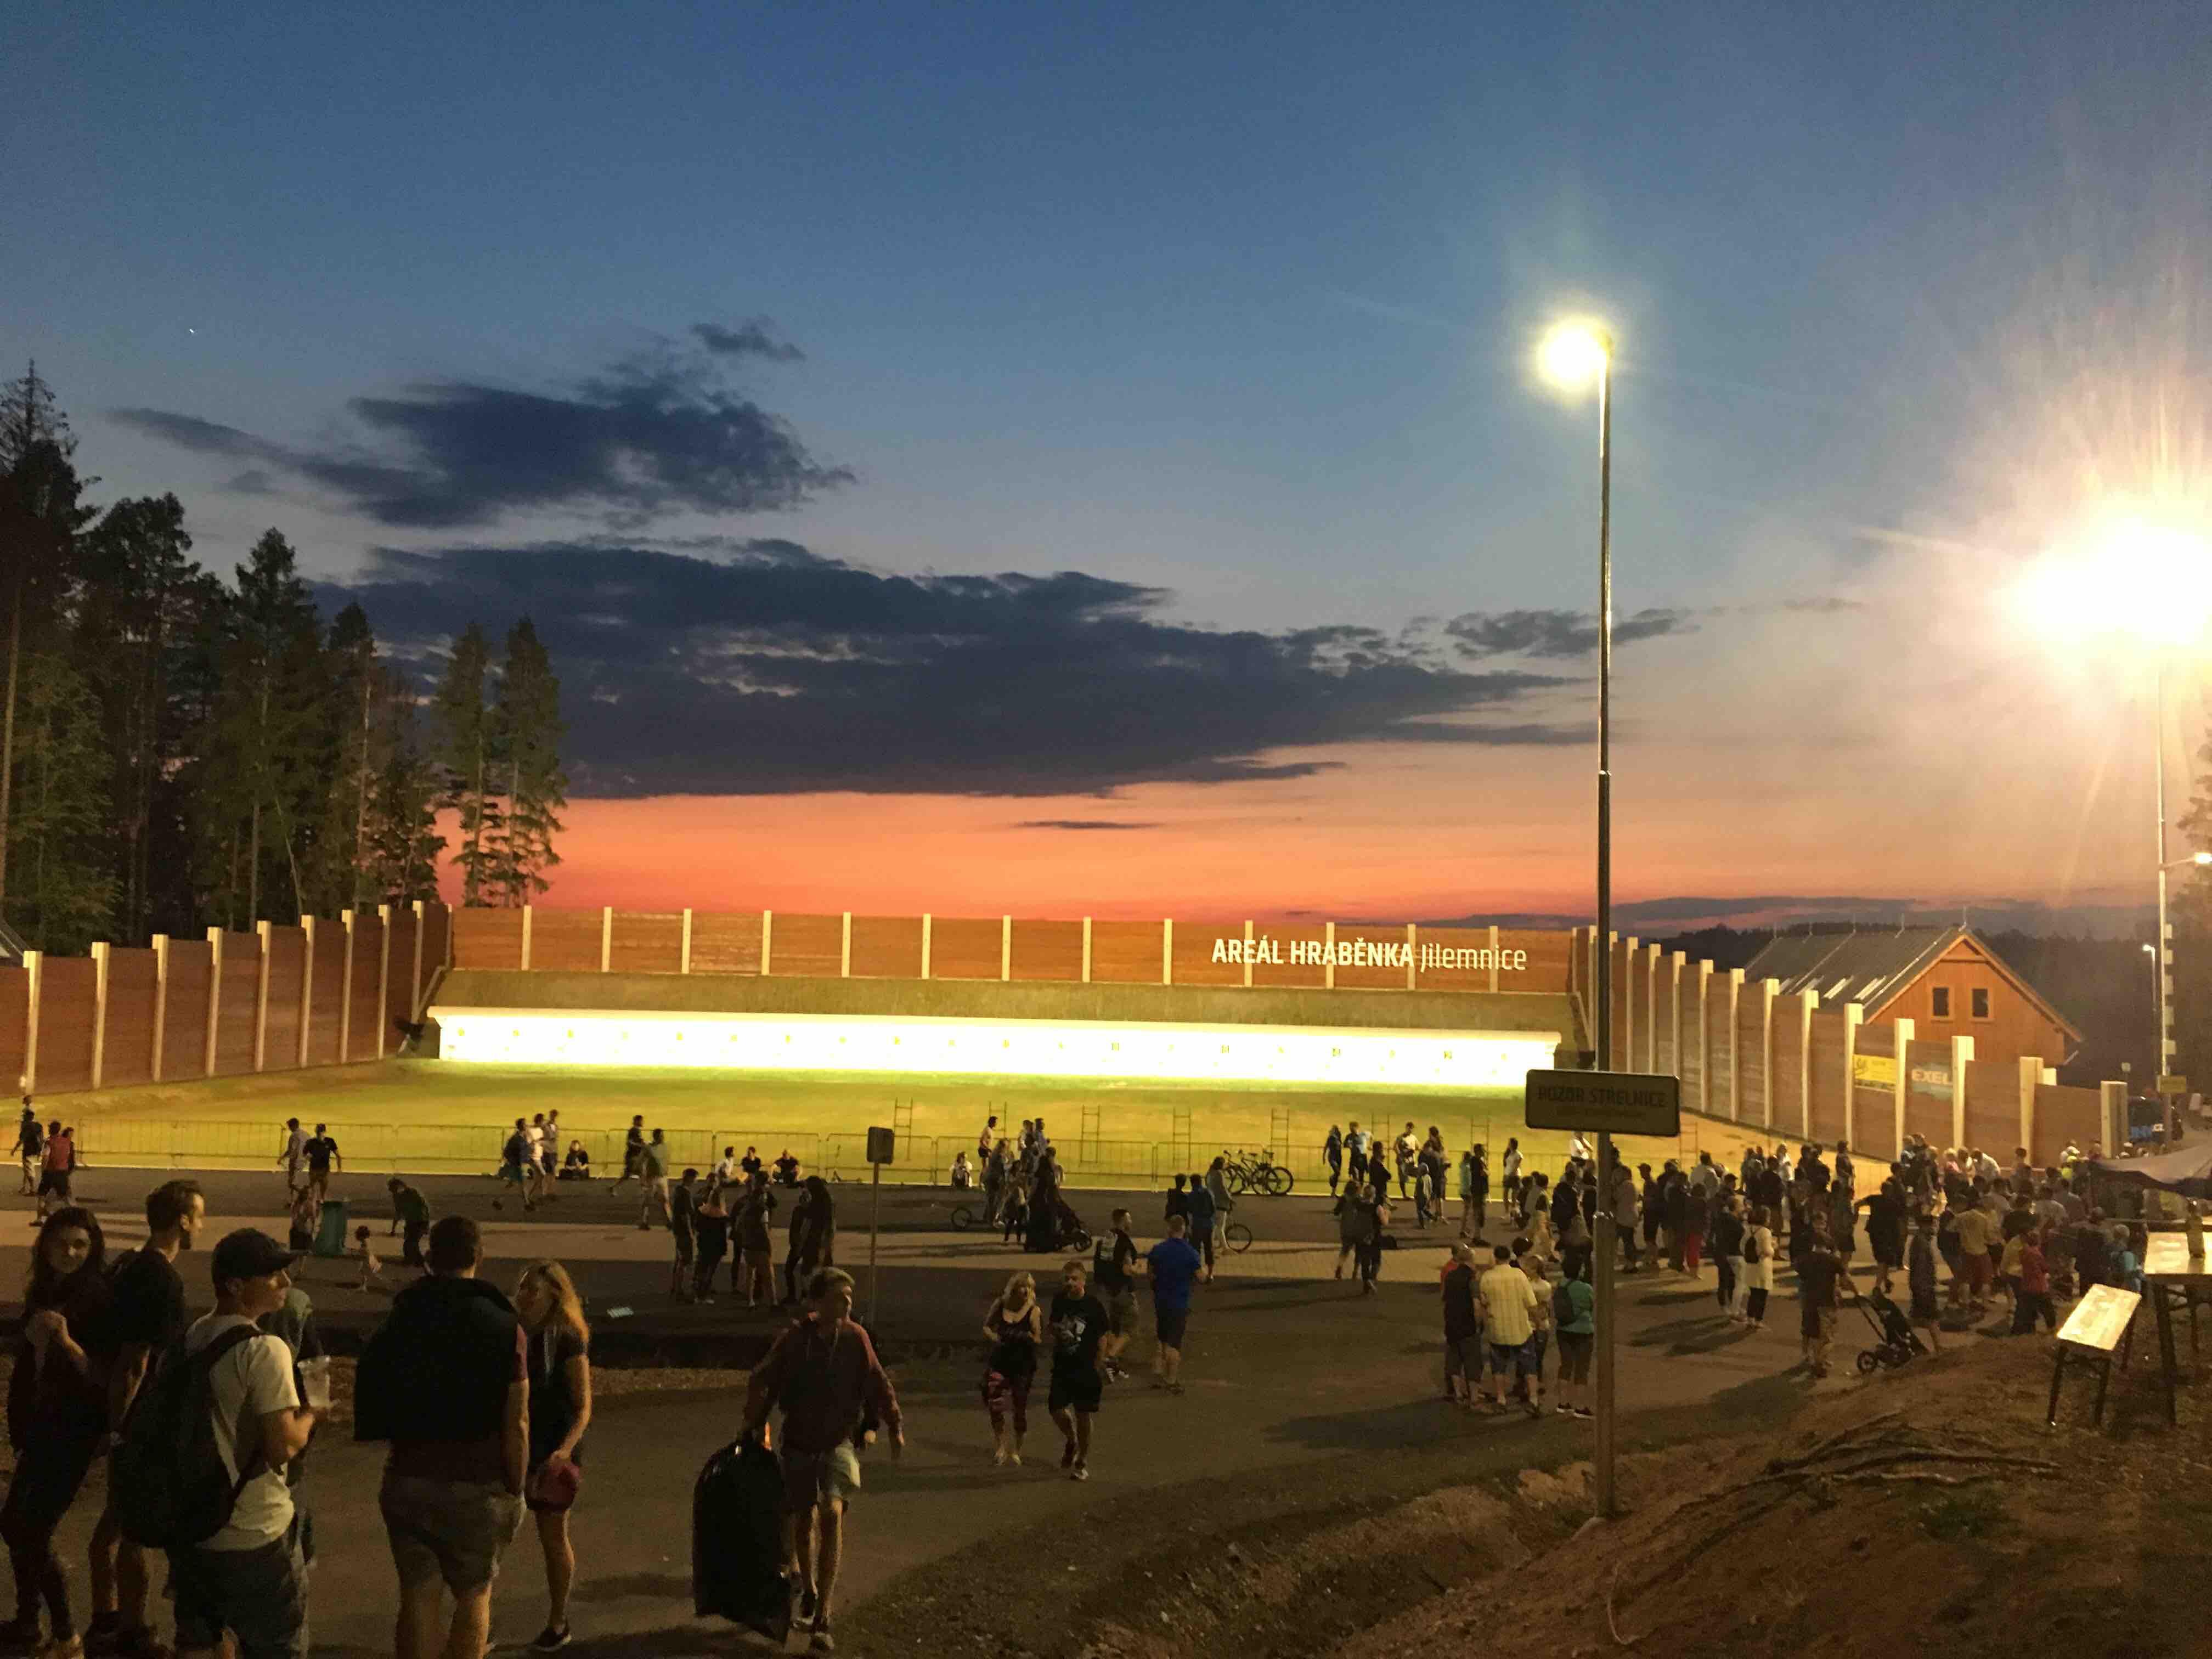 Otevírání areálu - foto Oty Šulce